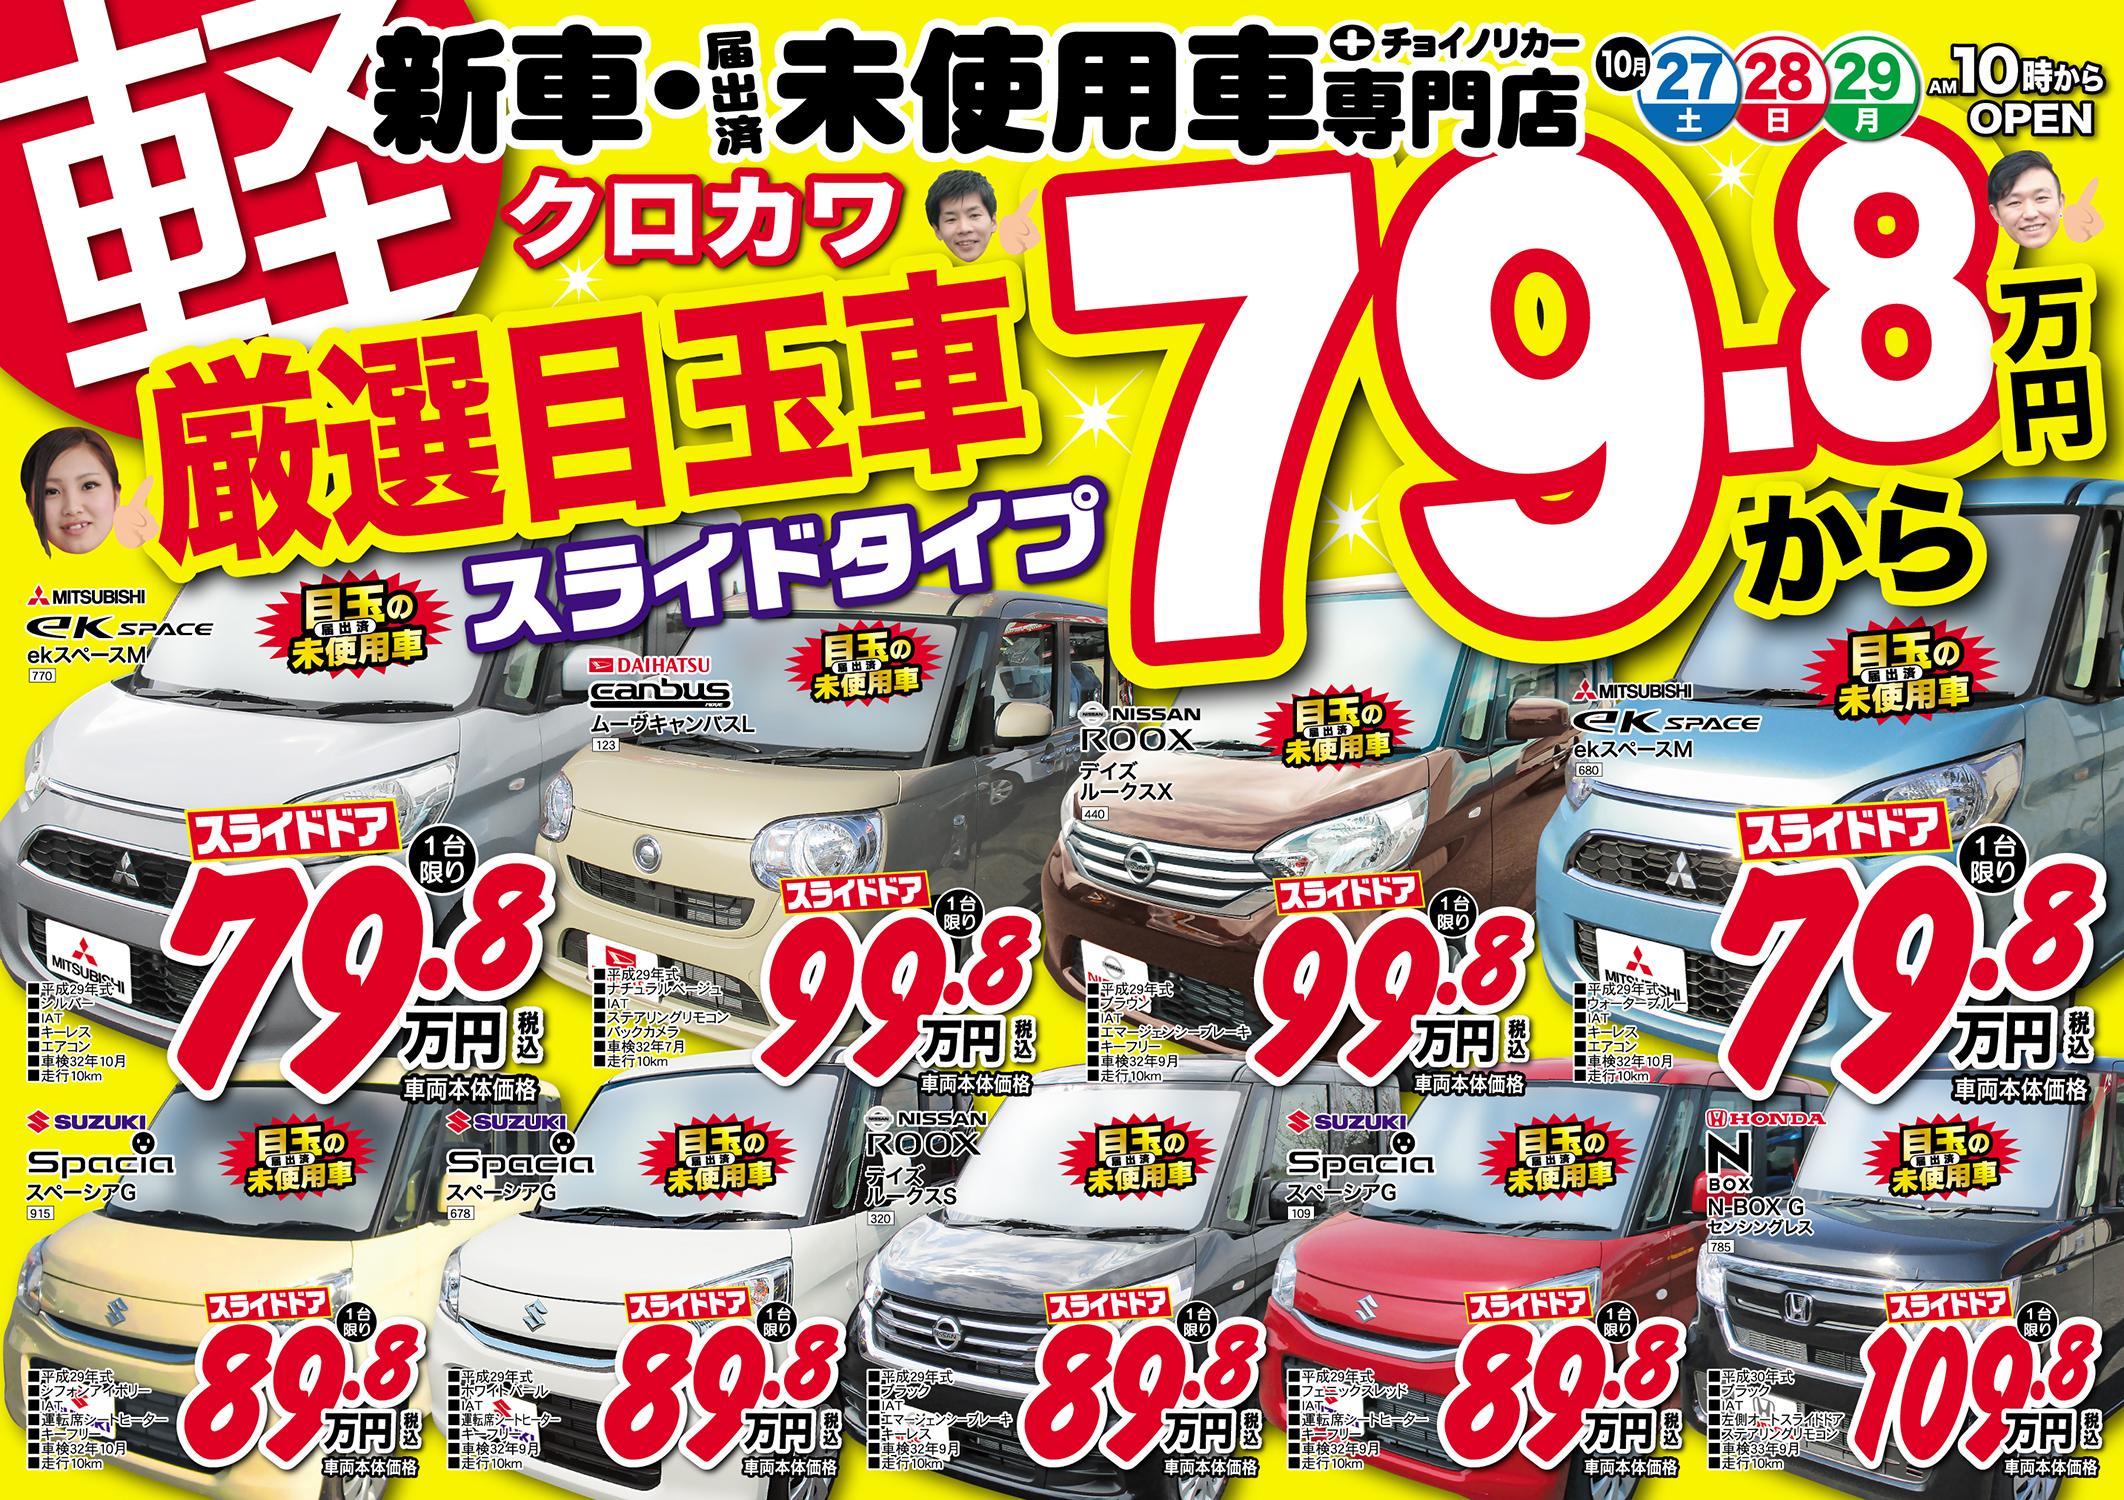 厳選目玉車!スライドドア79.8万円から!